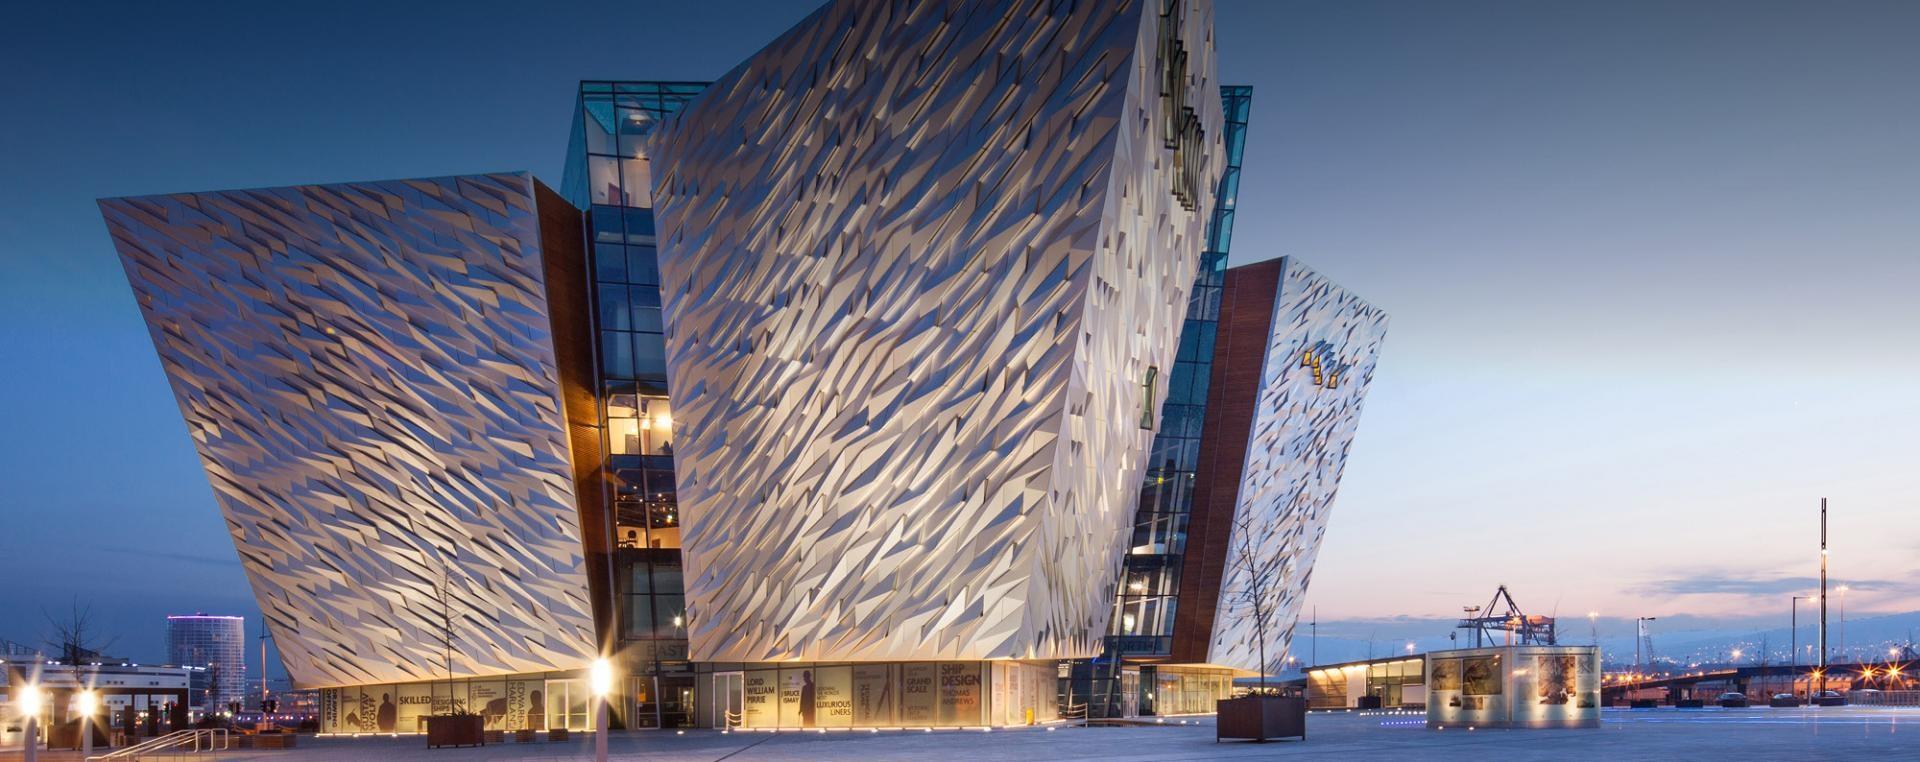 Risultati immagini per Apre l'hotel Titanic negli uffici dove fu progettato il transatlantico belfast foto